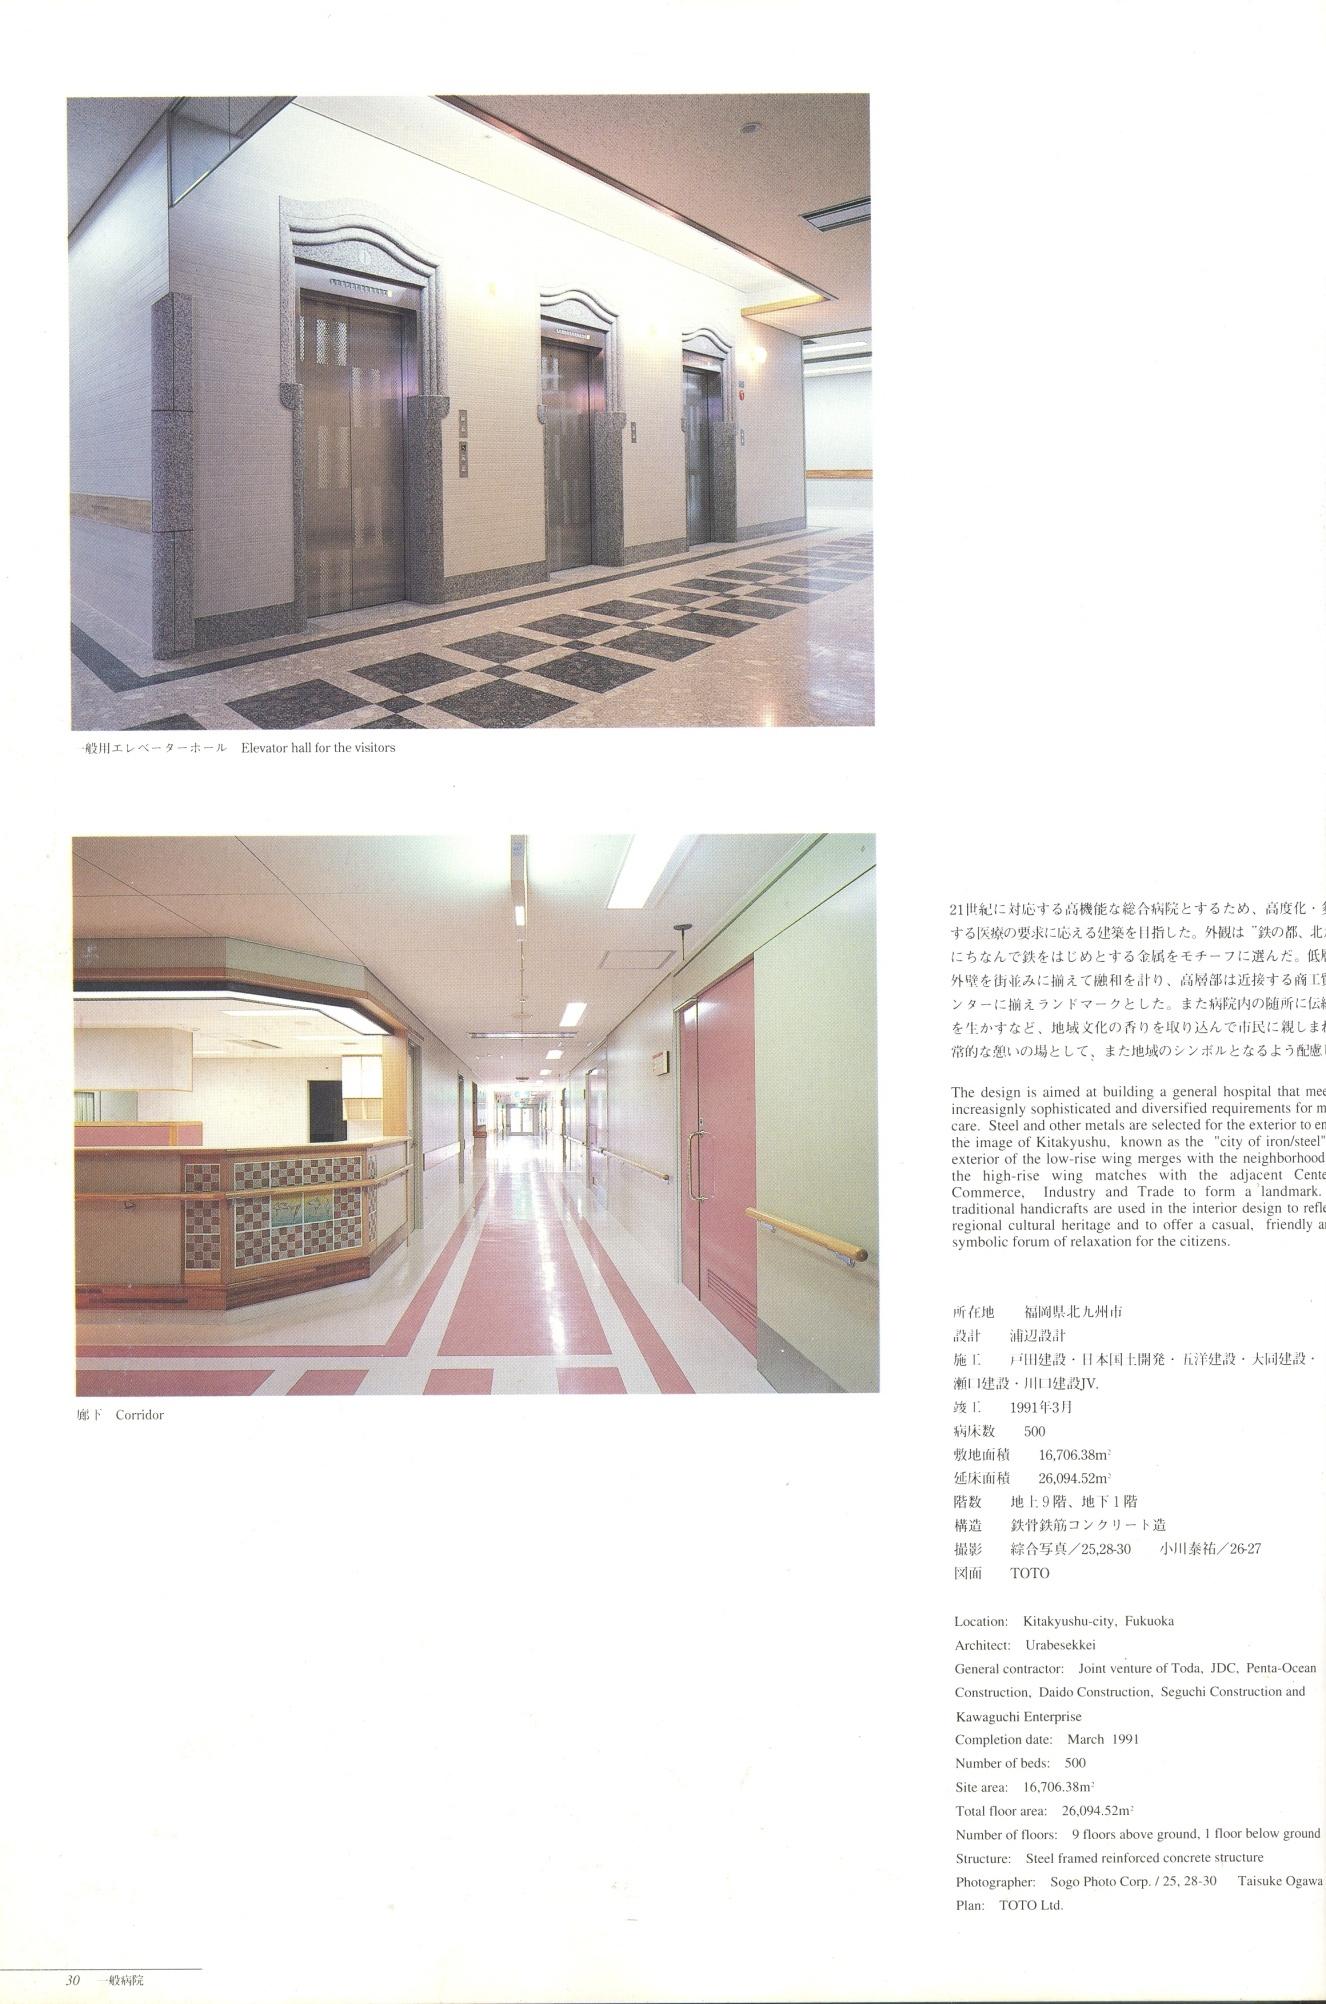 C:\Documents and Settings\HFKN-12\Desktop\New Folder\4japan\Picture 031.jpg